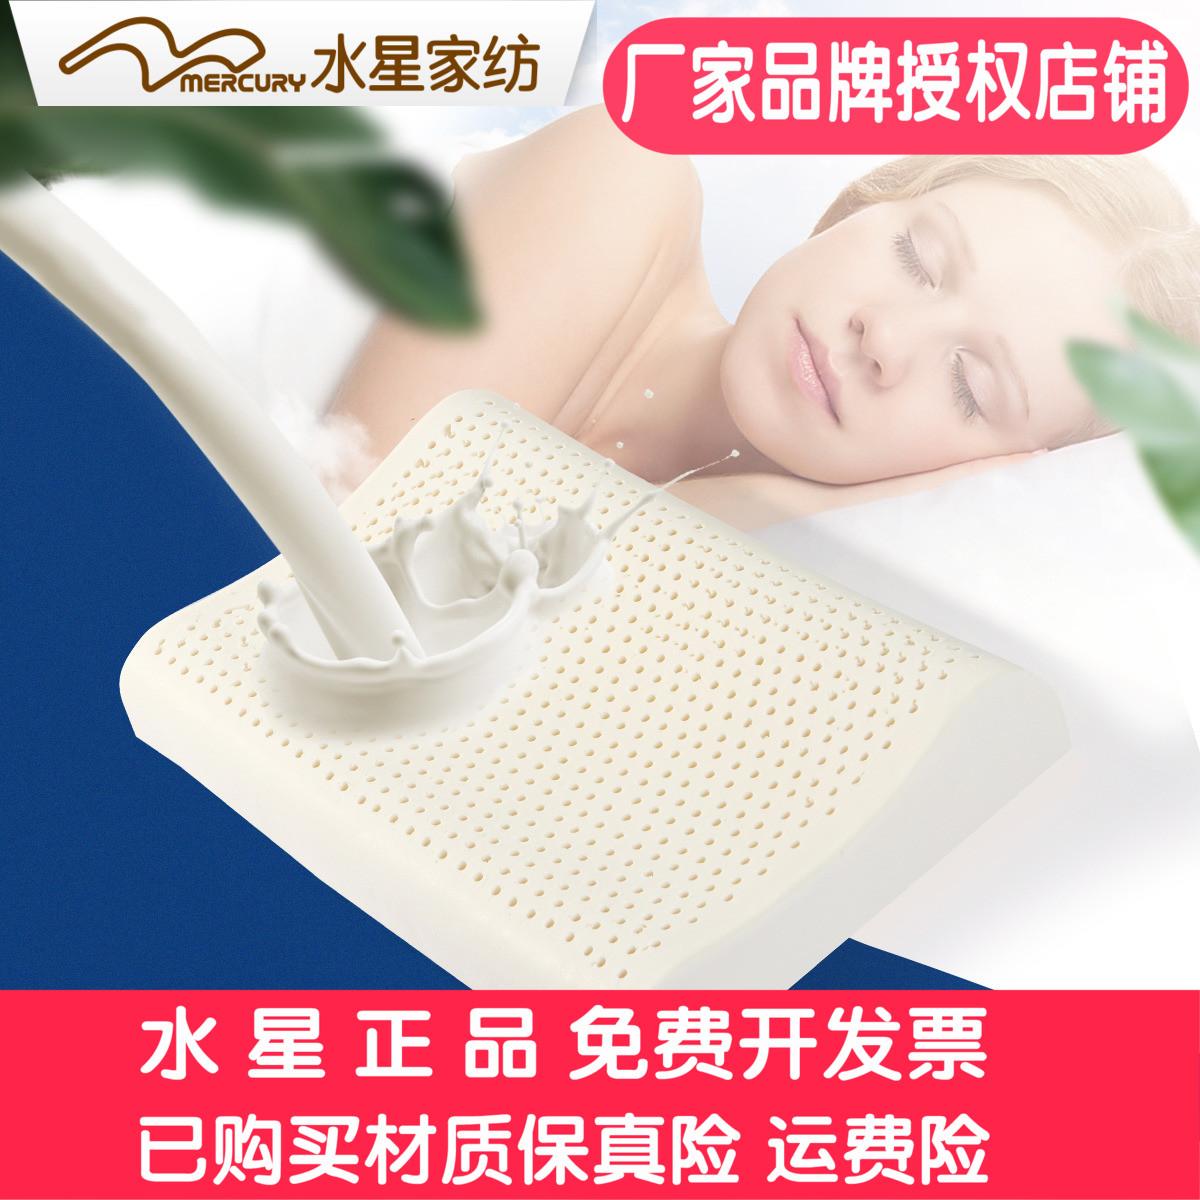 10-22新券水星家纺天然乳胶枕头枕芯成人释压护颈枕单人人体平面曲线记忆枕